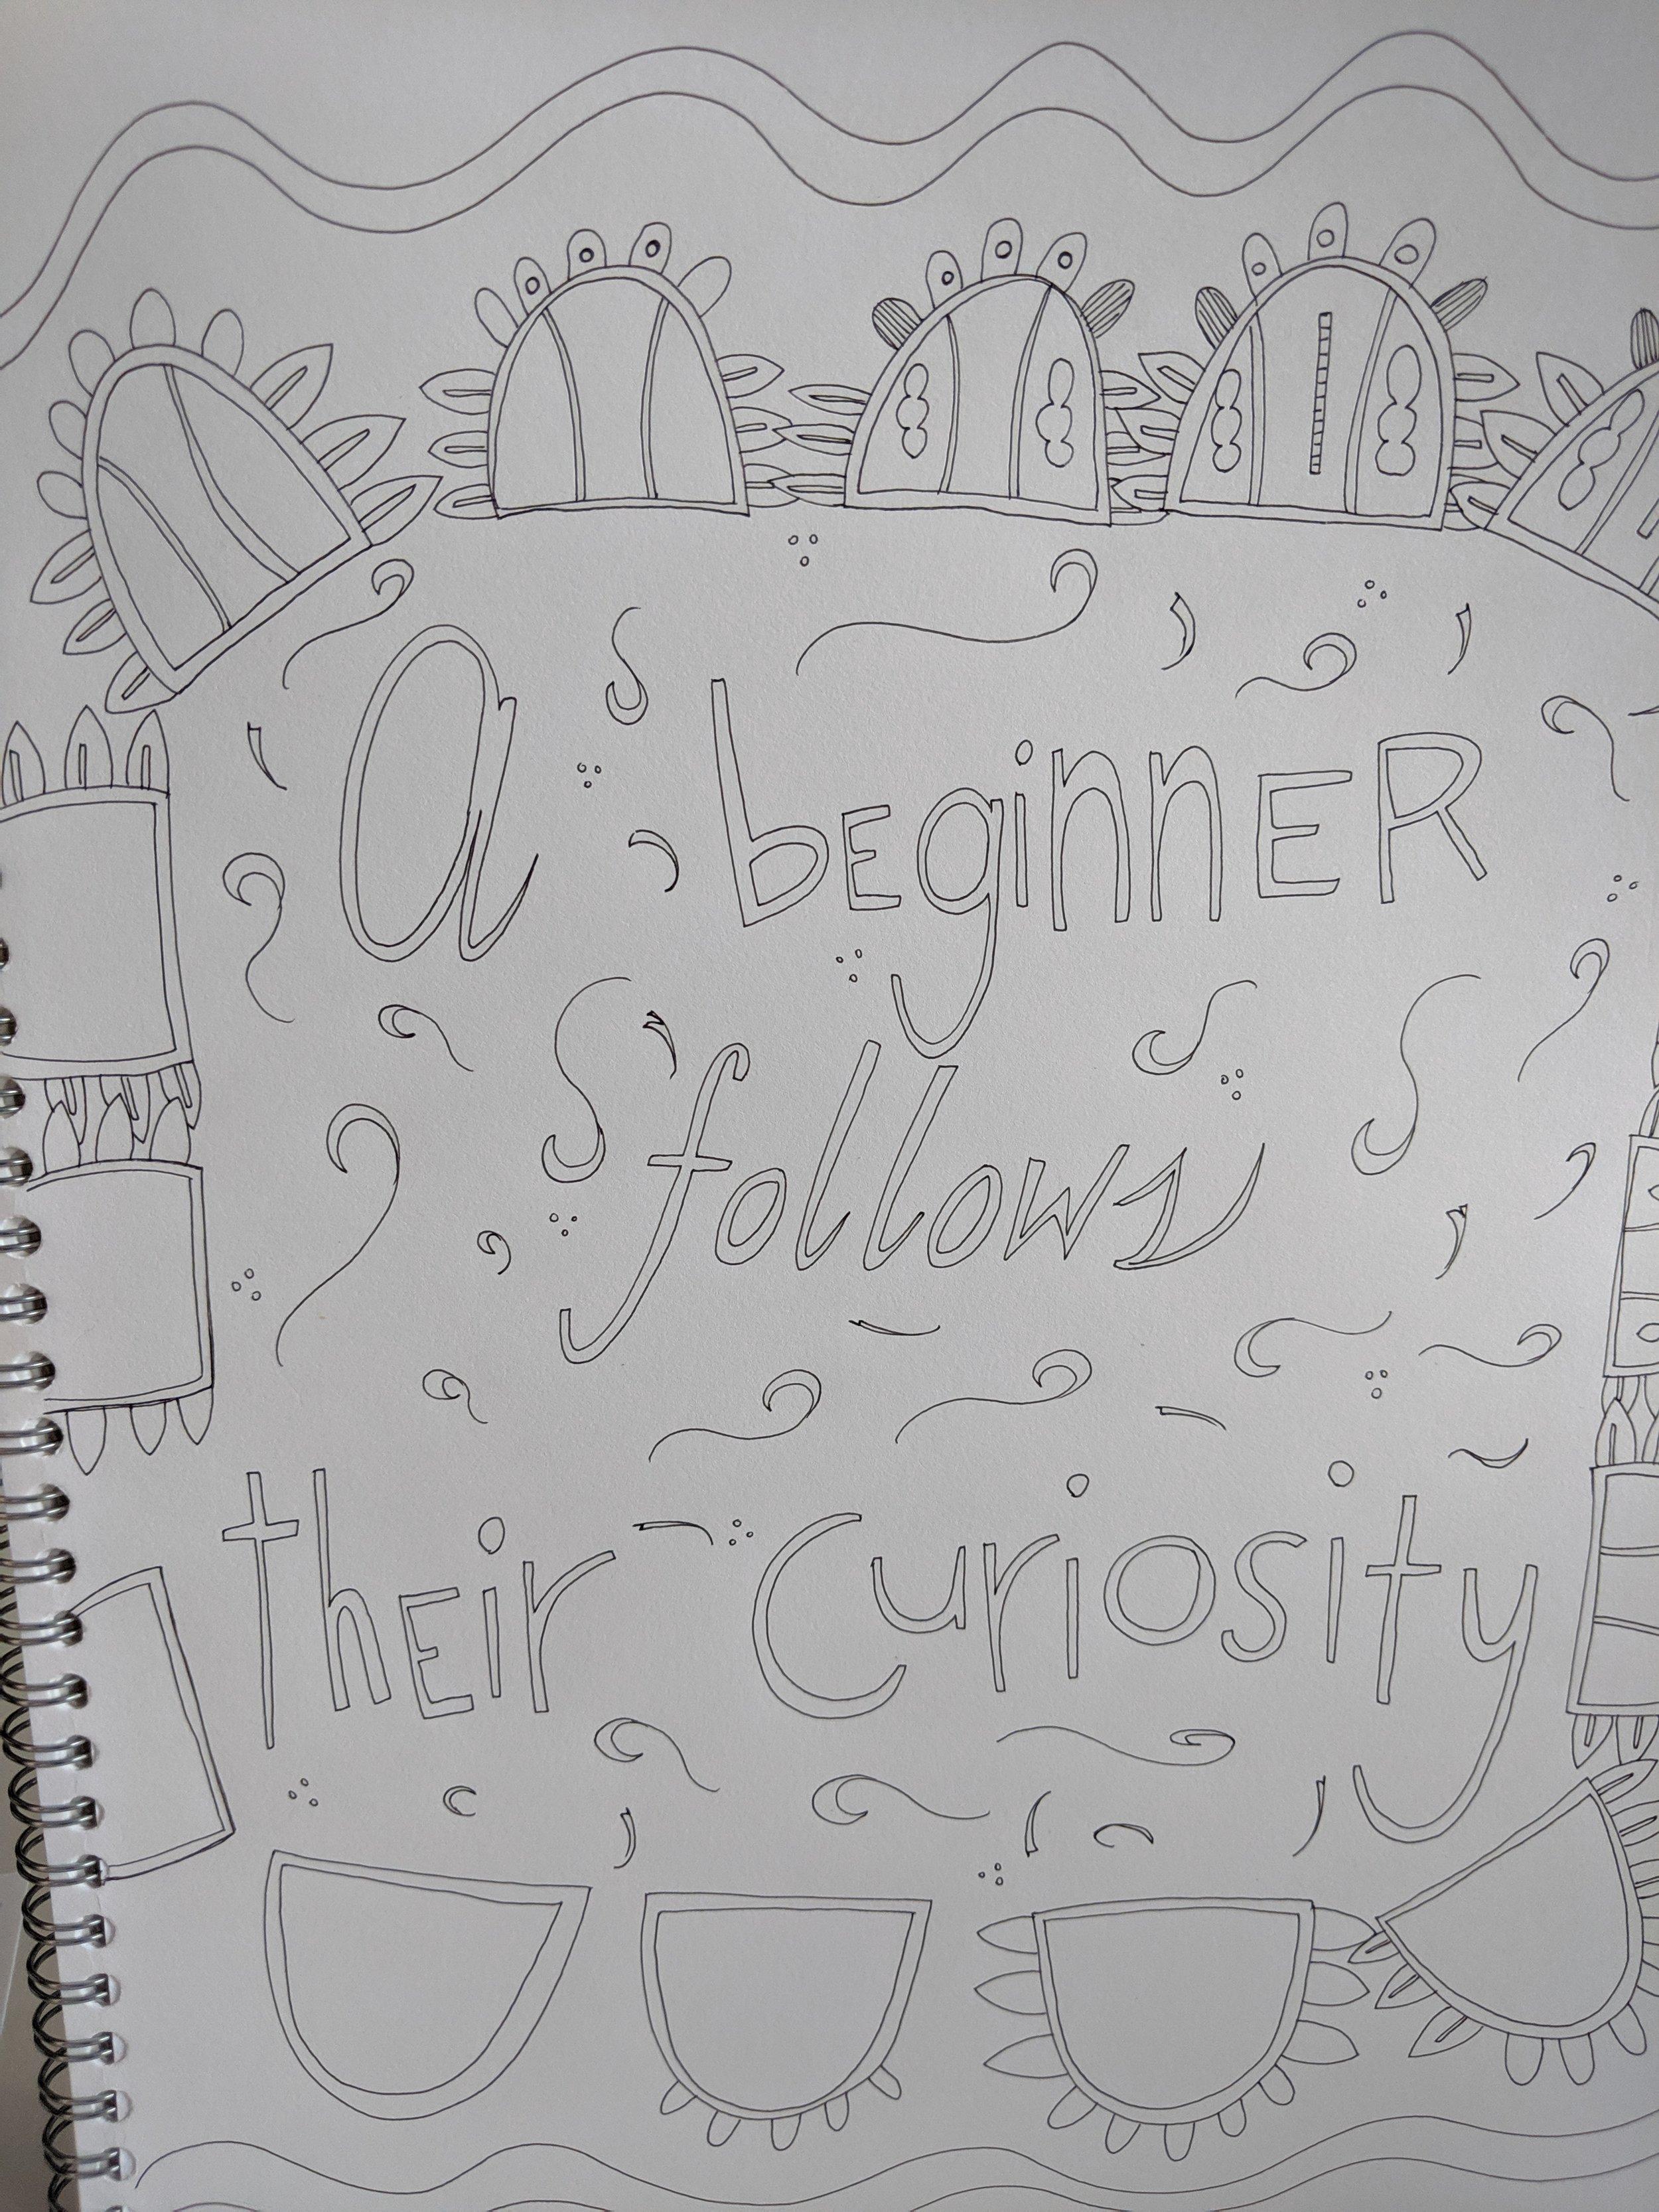 A beginner follows their curiosity doodle.